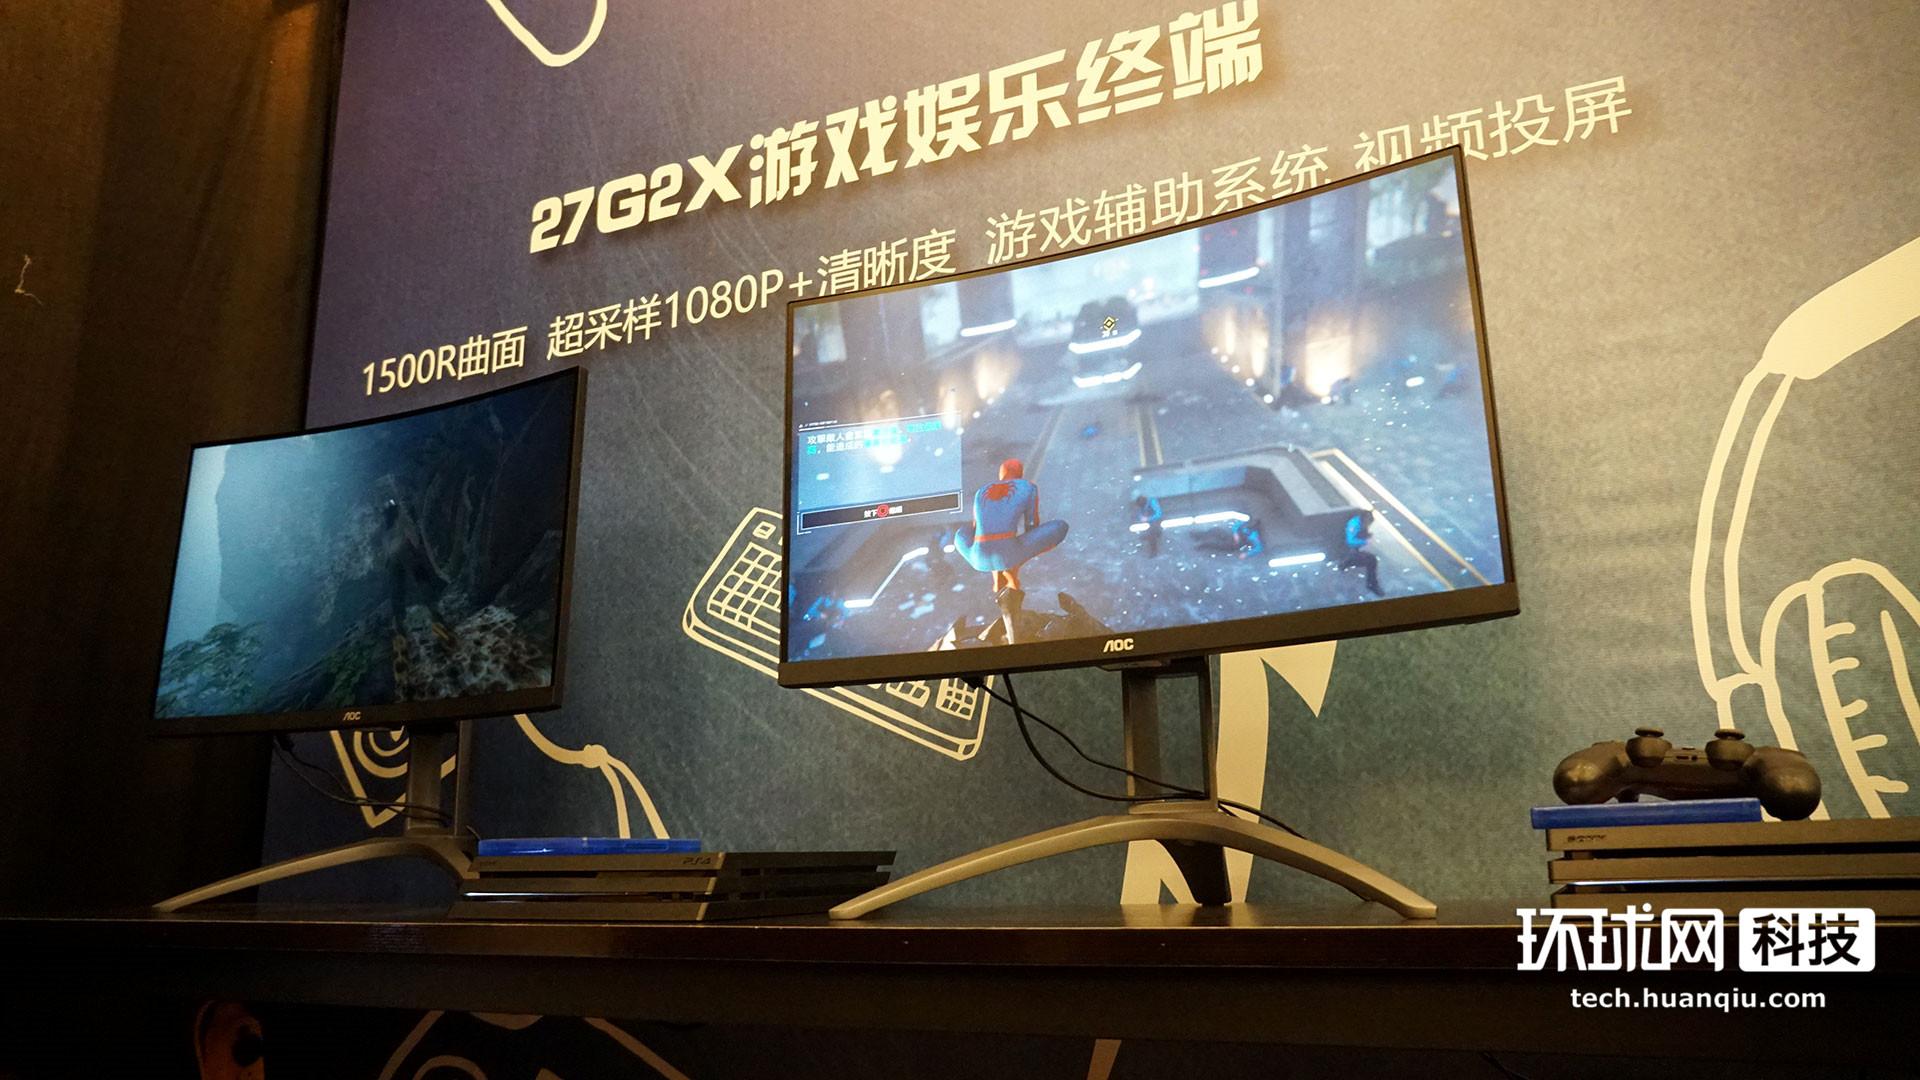 AOC发布27G2X新品,采用华为海思显示芯片